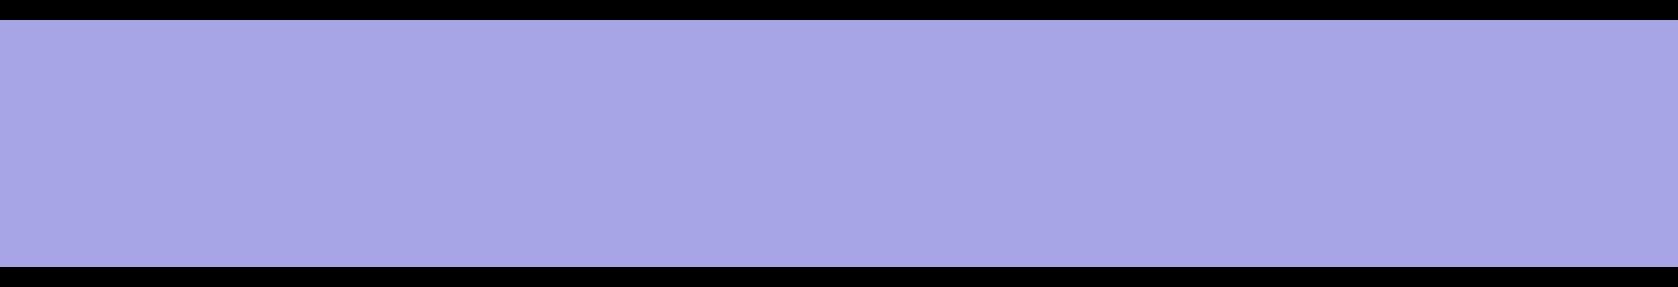 logo tekdelta